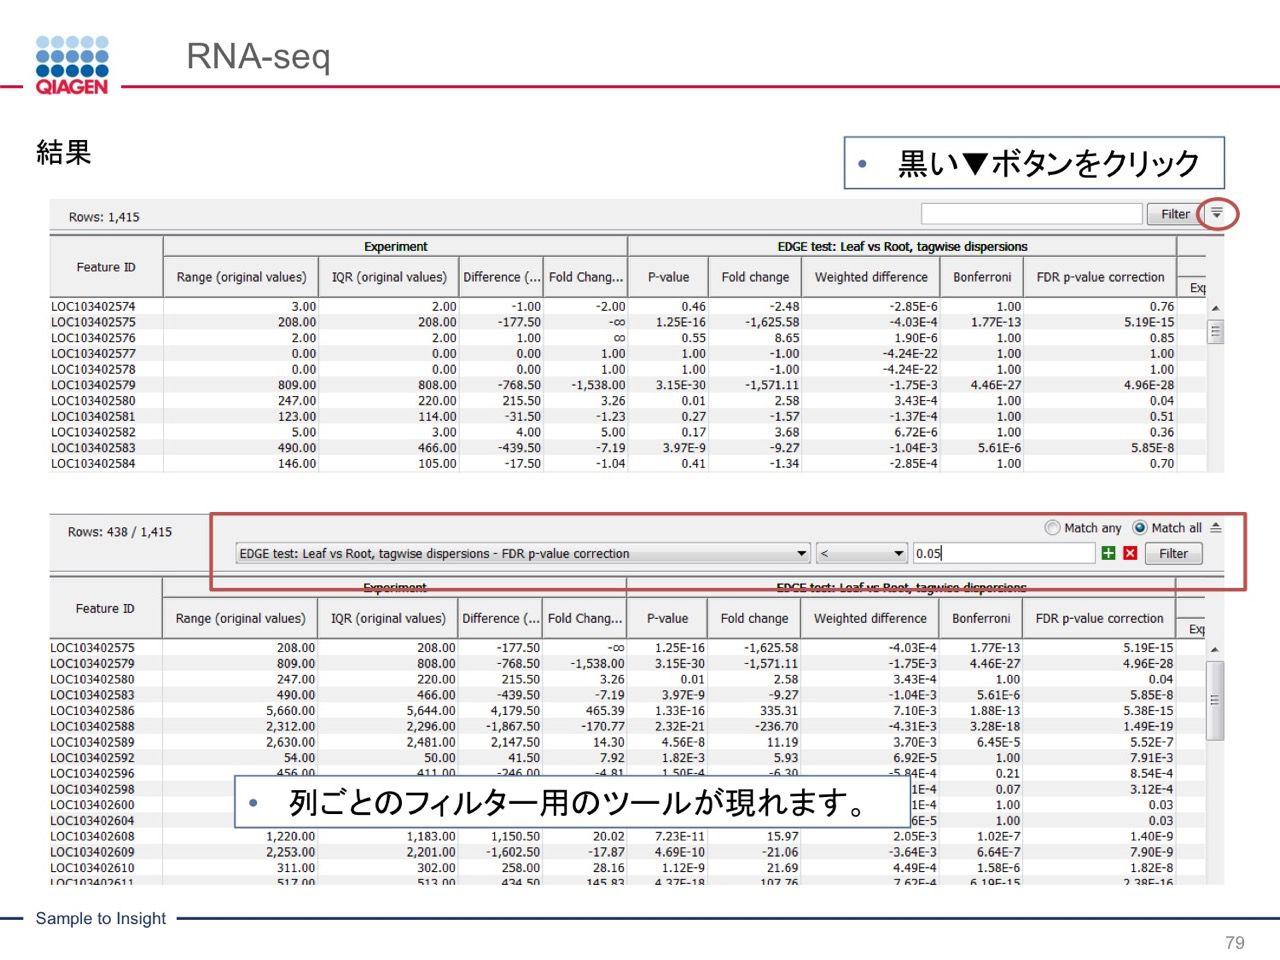 images/AJACSa2_miyamoto_079.jpg